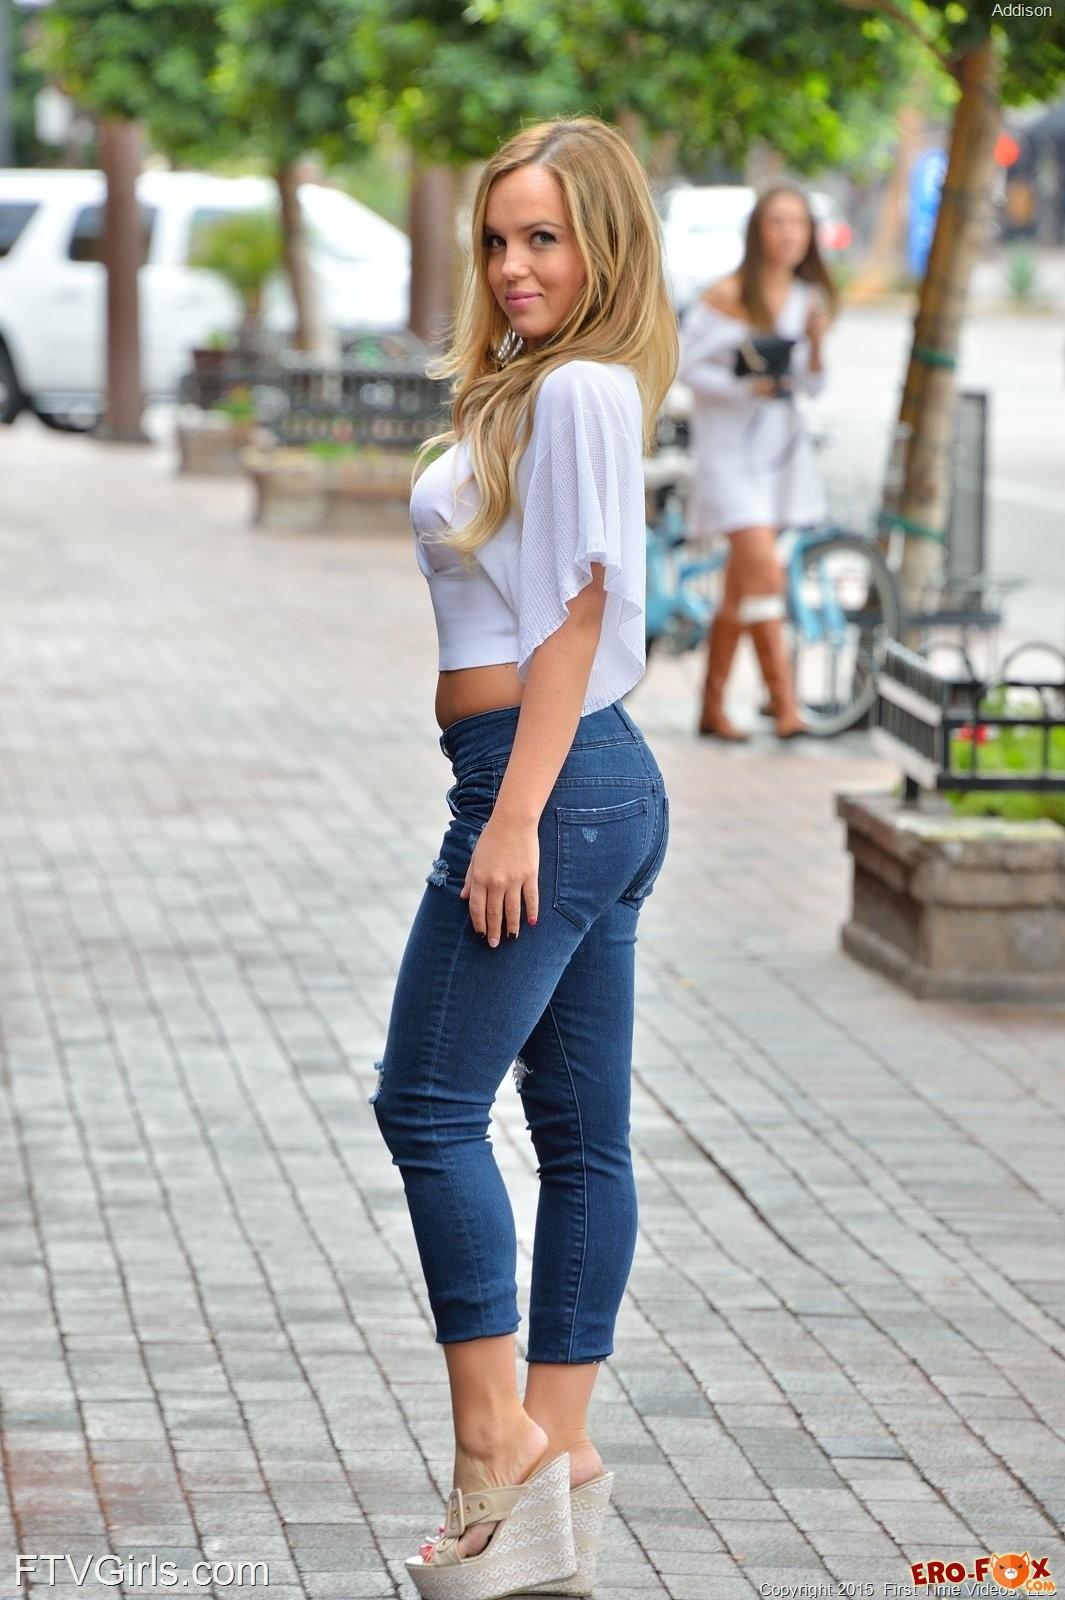 Сняла лифчик и джинсы на улице